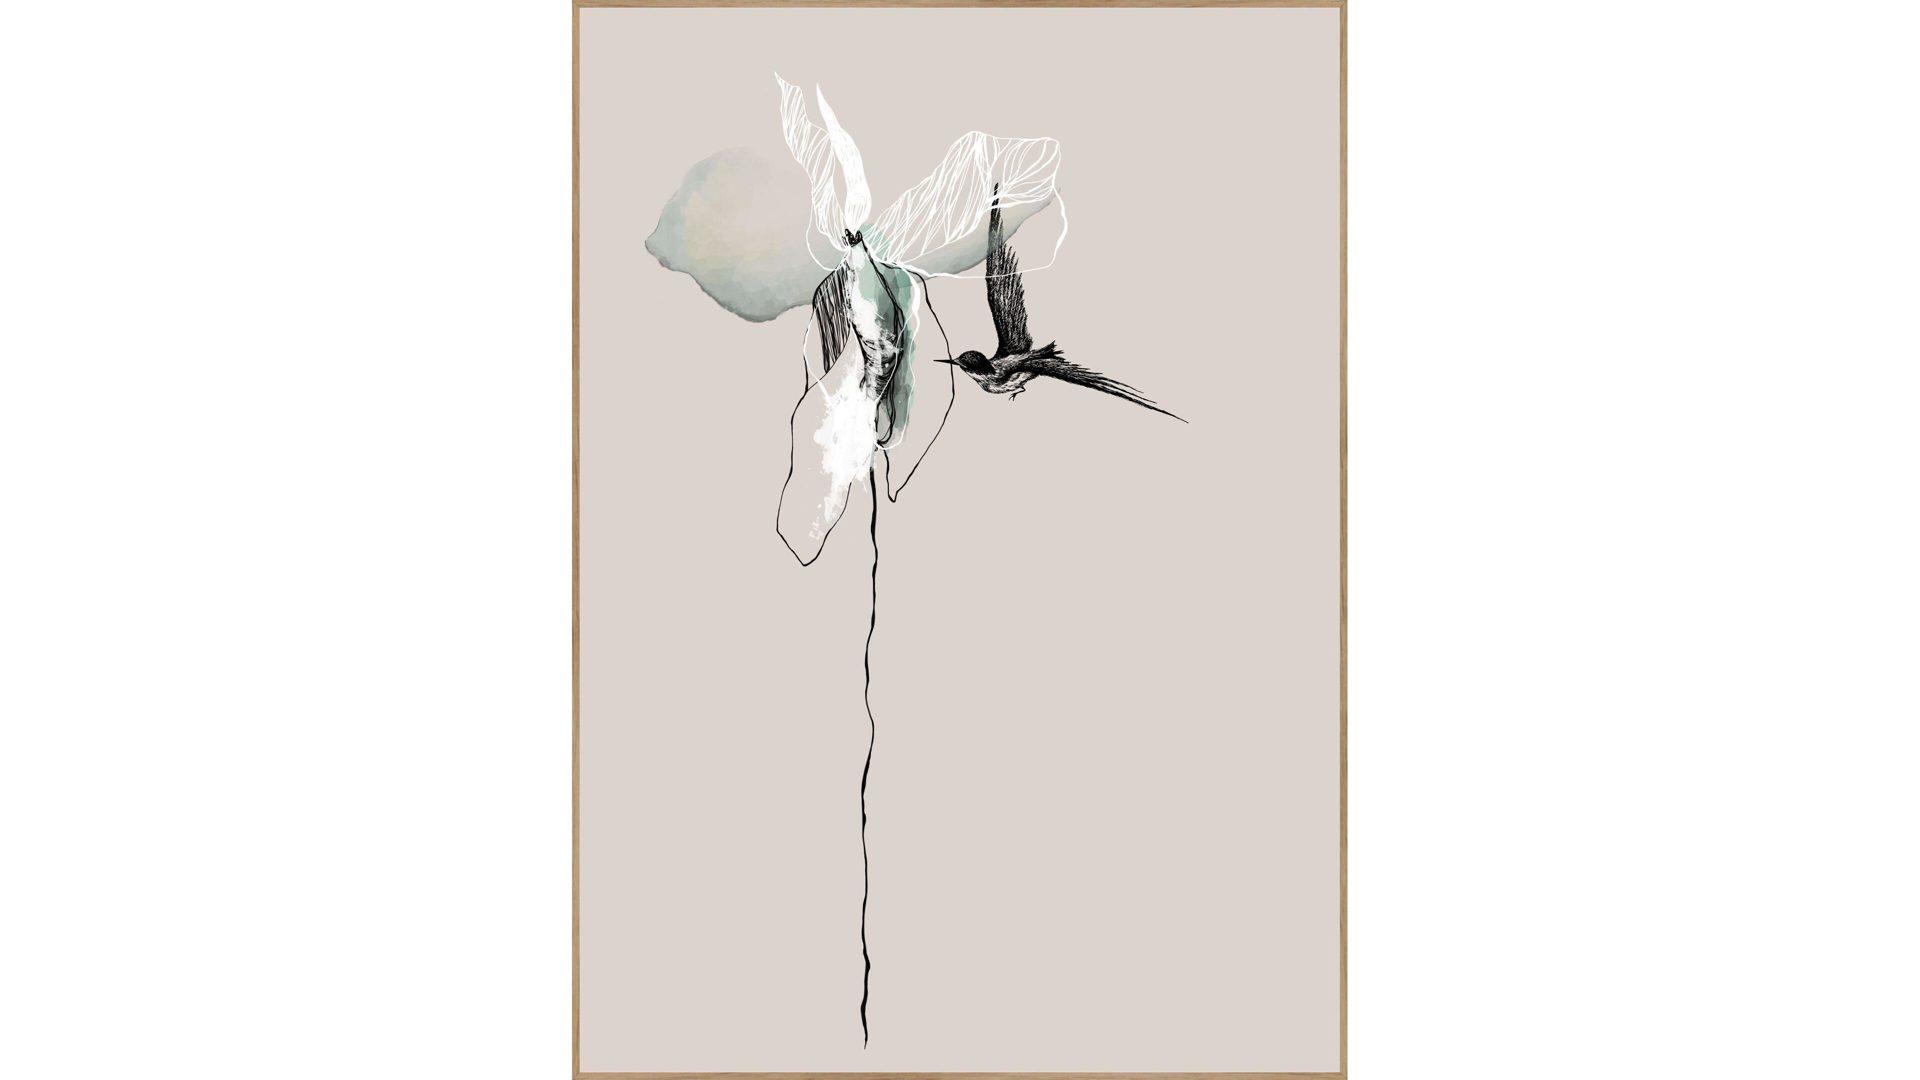 posterboard flower mit rahmen motiv blume mit vogel eichenholzrahmen ca lamstedt cuxhaven bremerhaven